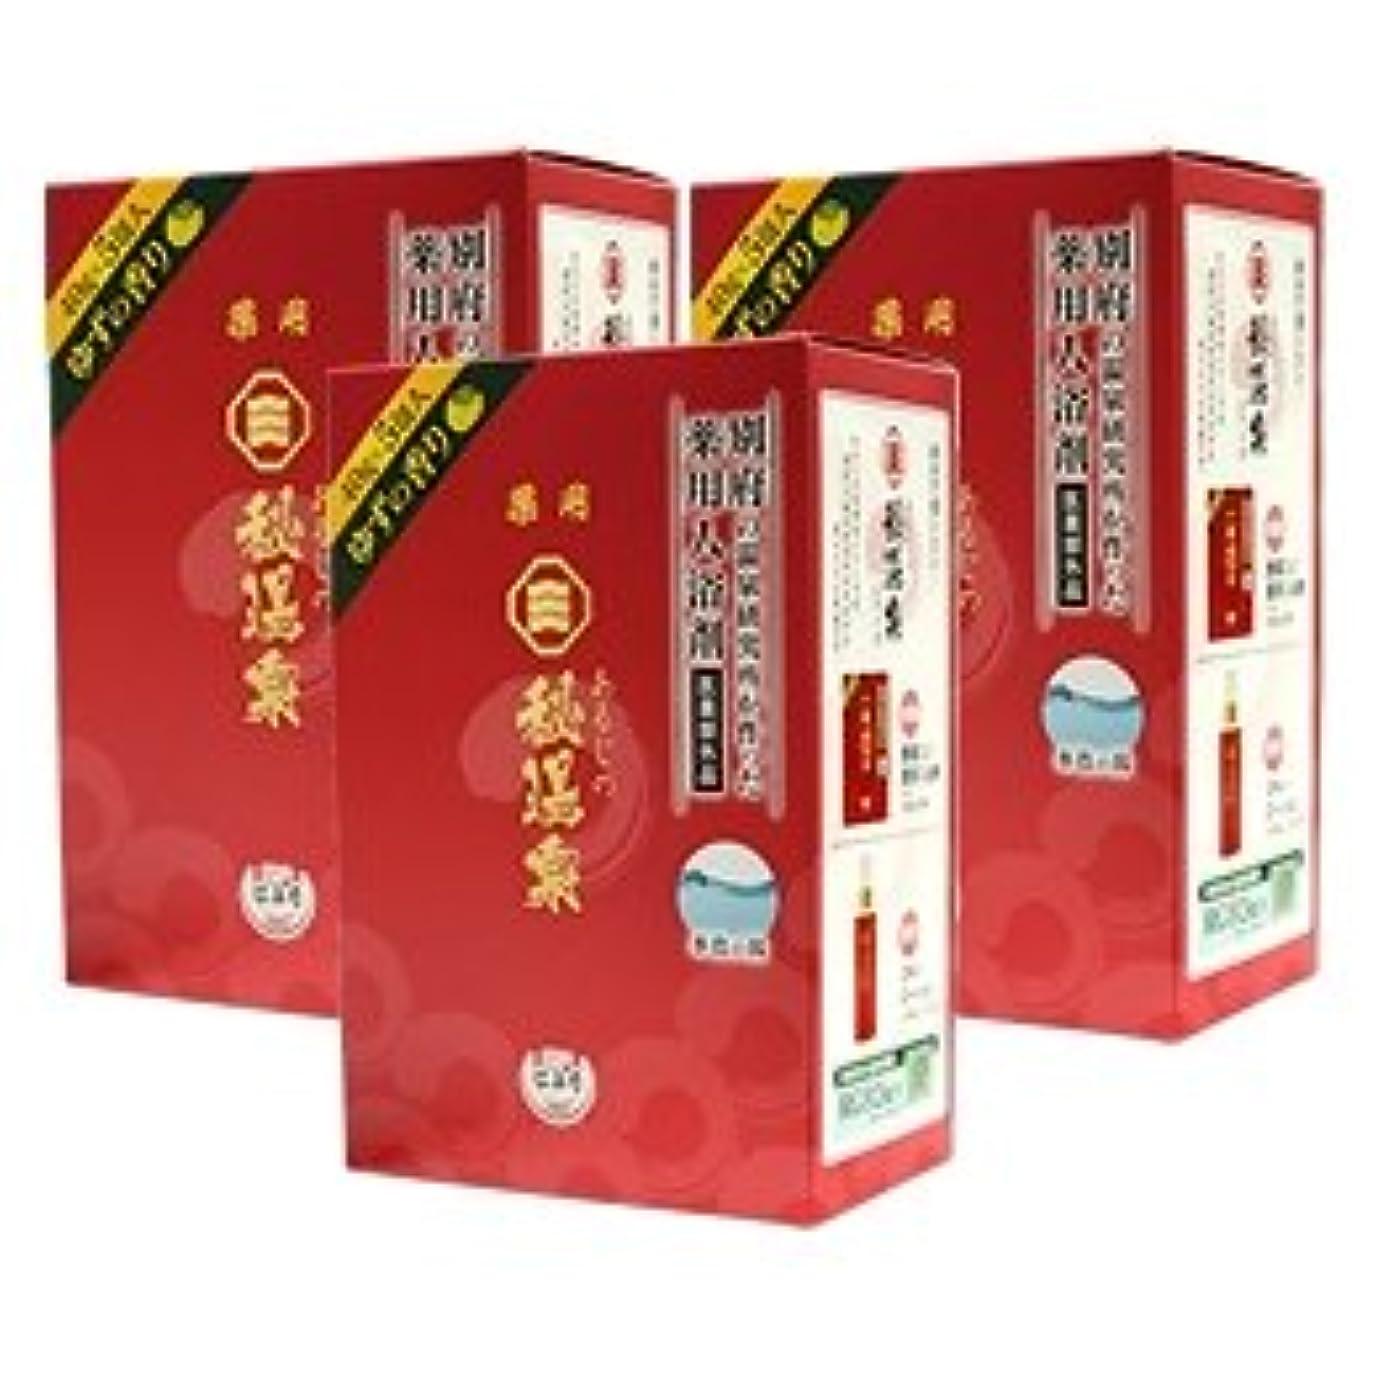 ボタングリースバース薬用入浴剤 あるじの秘湯泉 ×3箱(1箱5包入り)セット